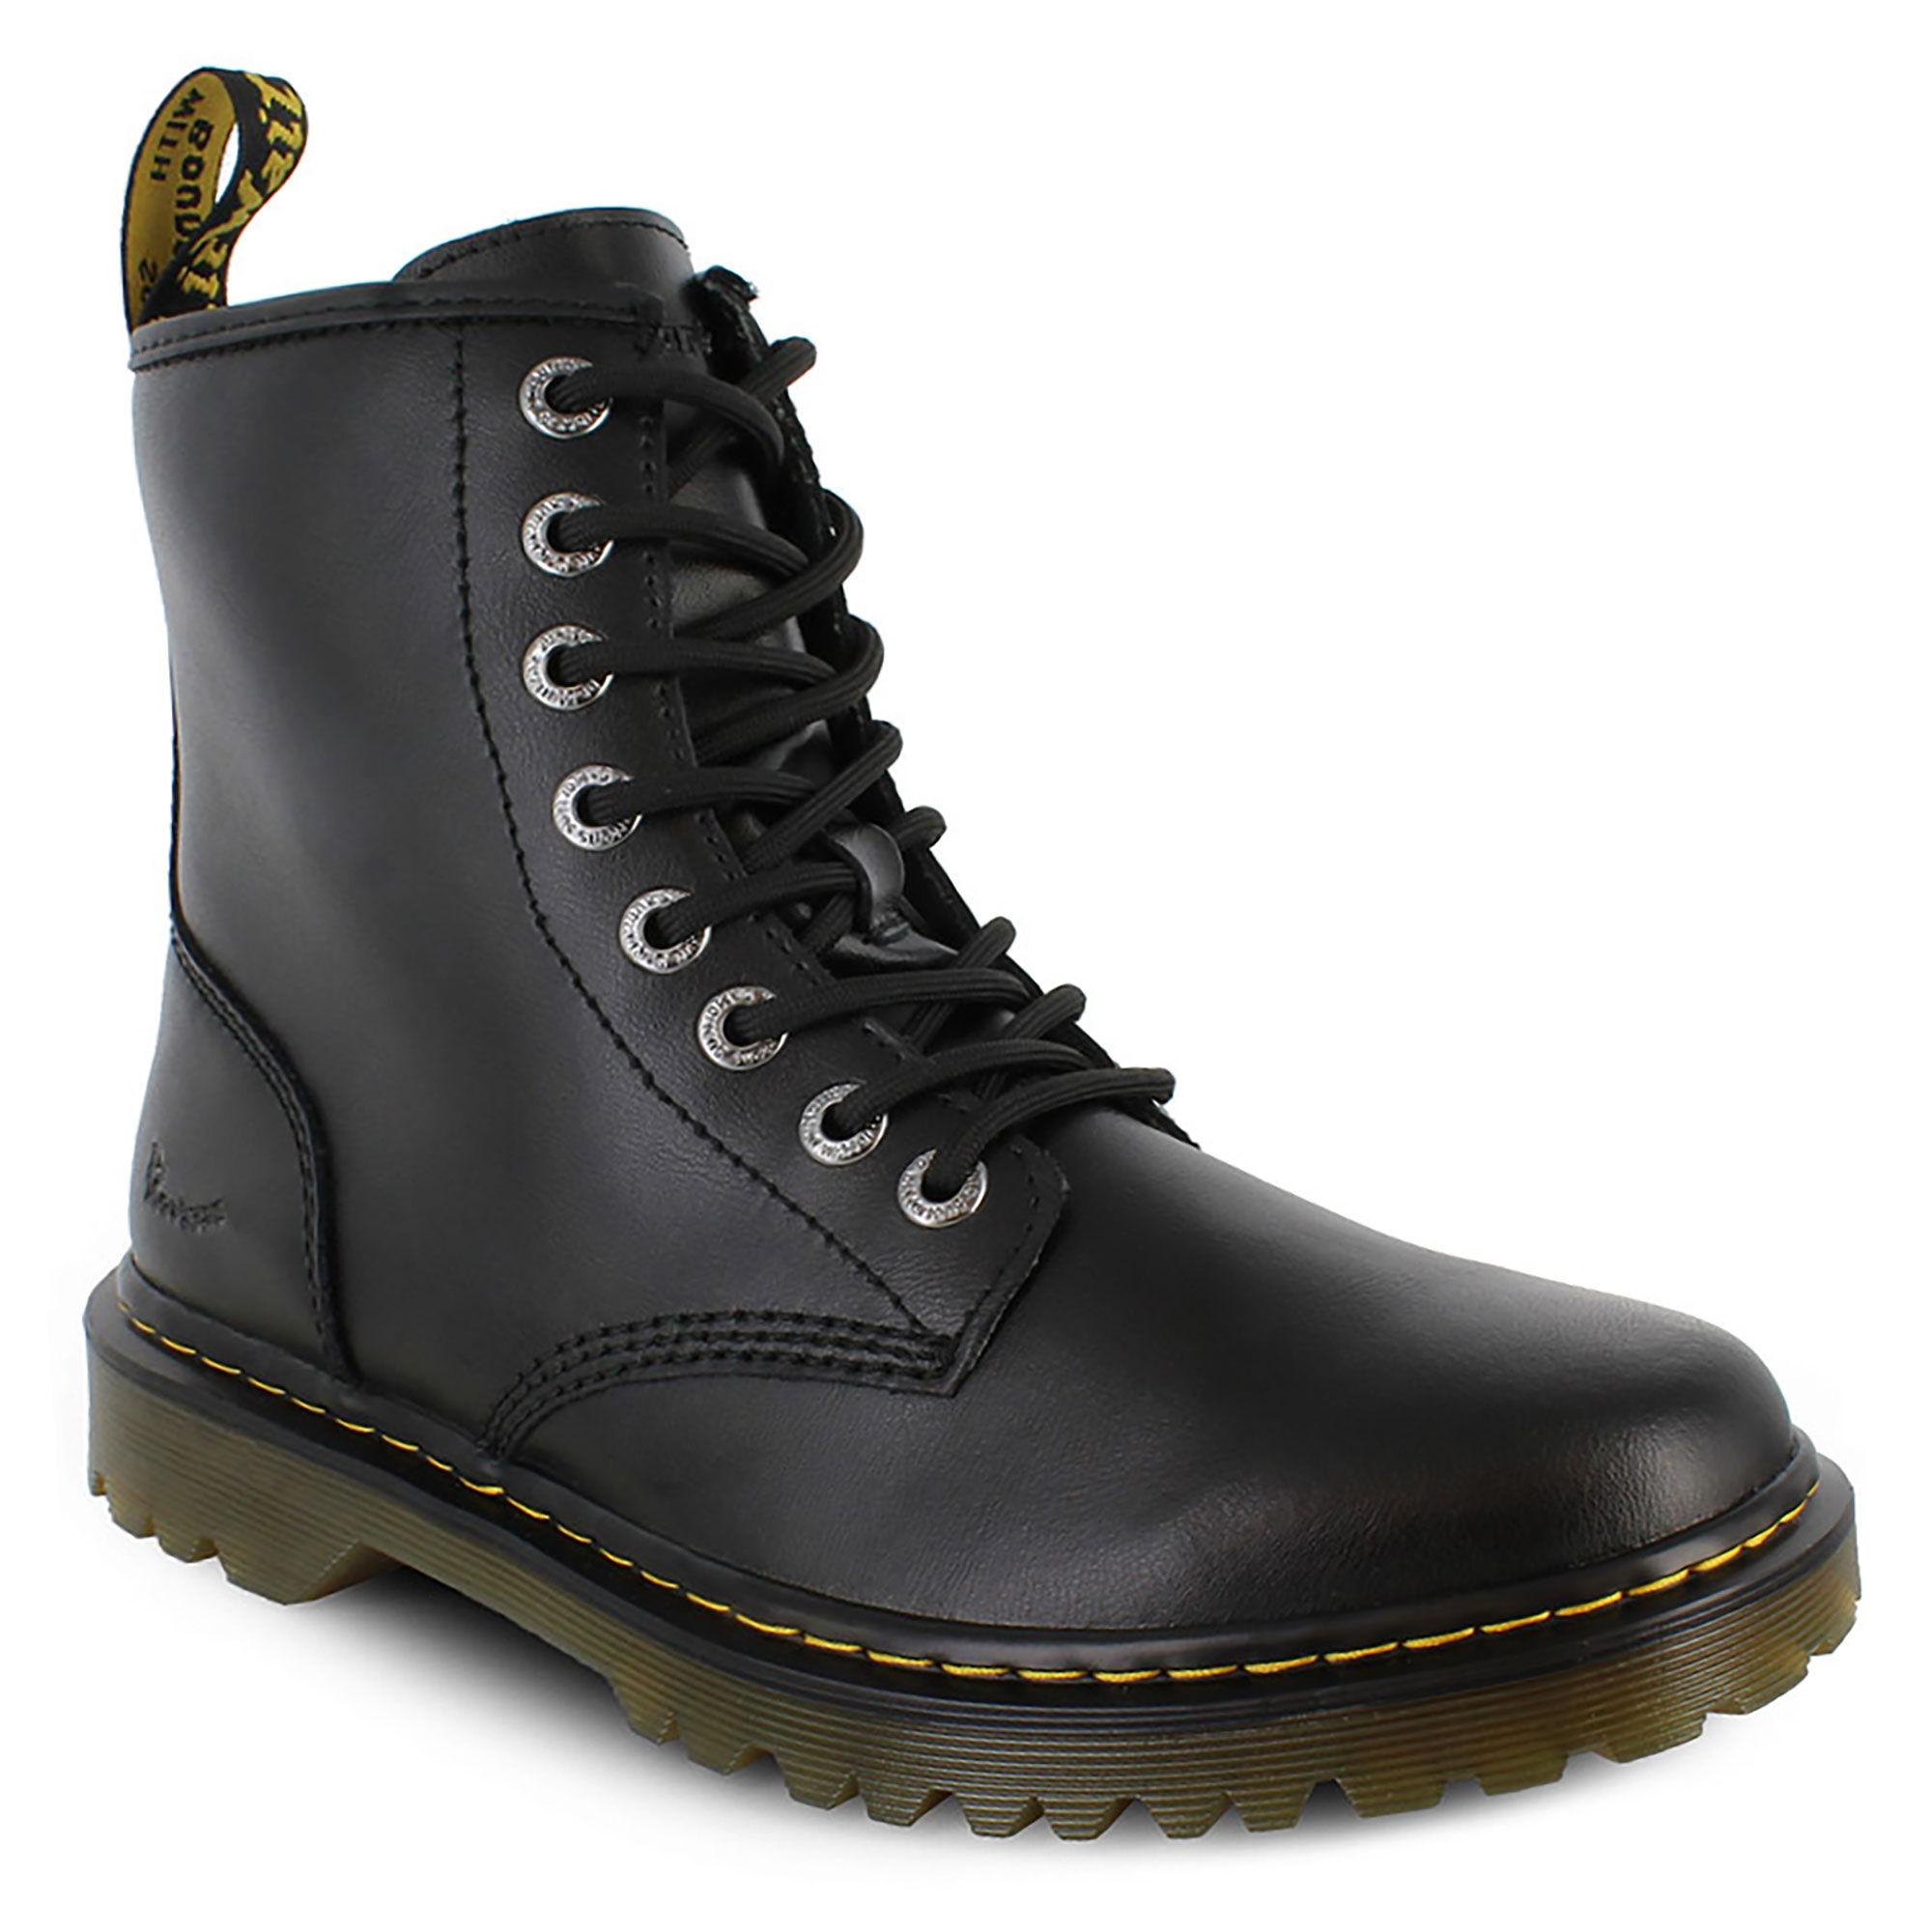 doc martens steel toe cap shoes